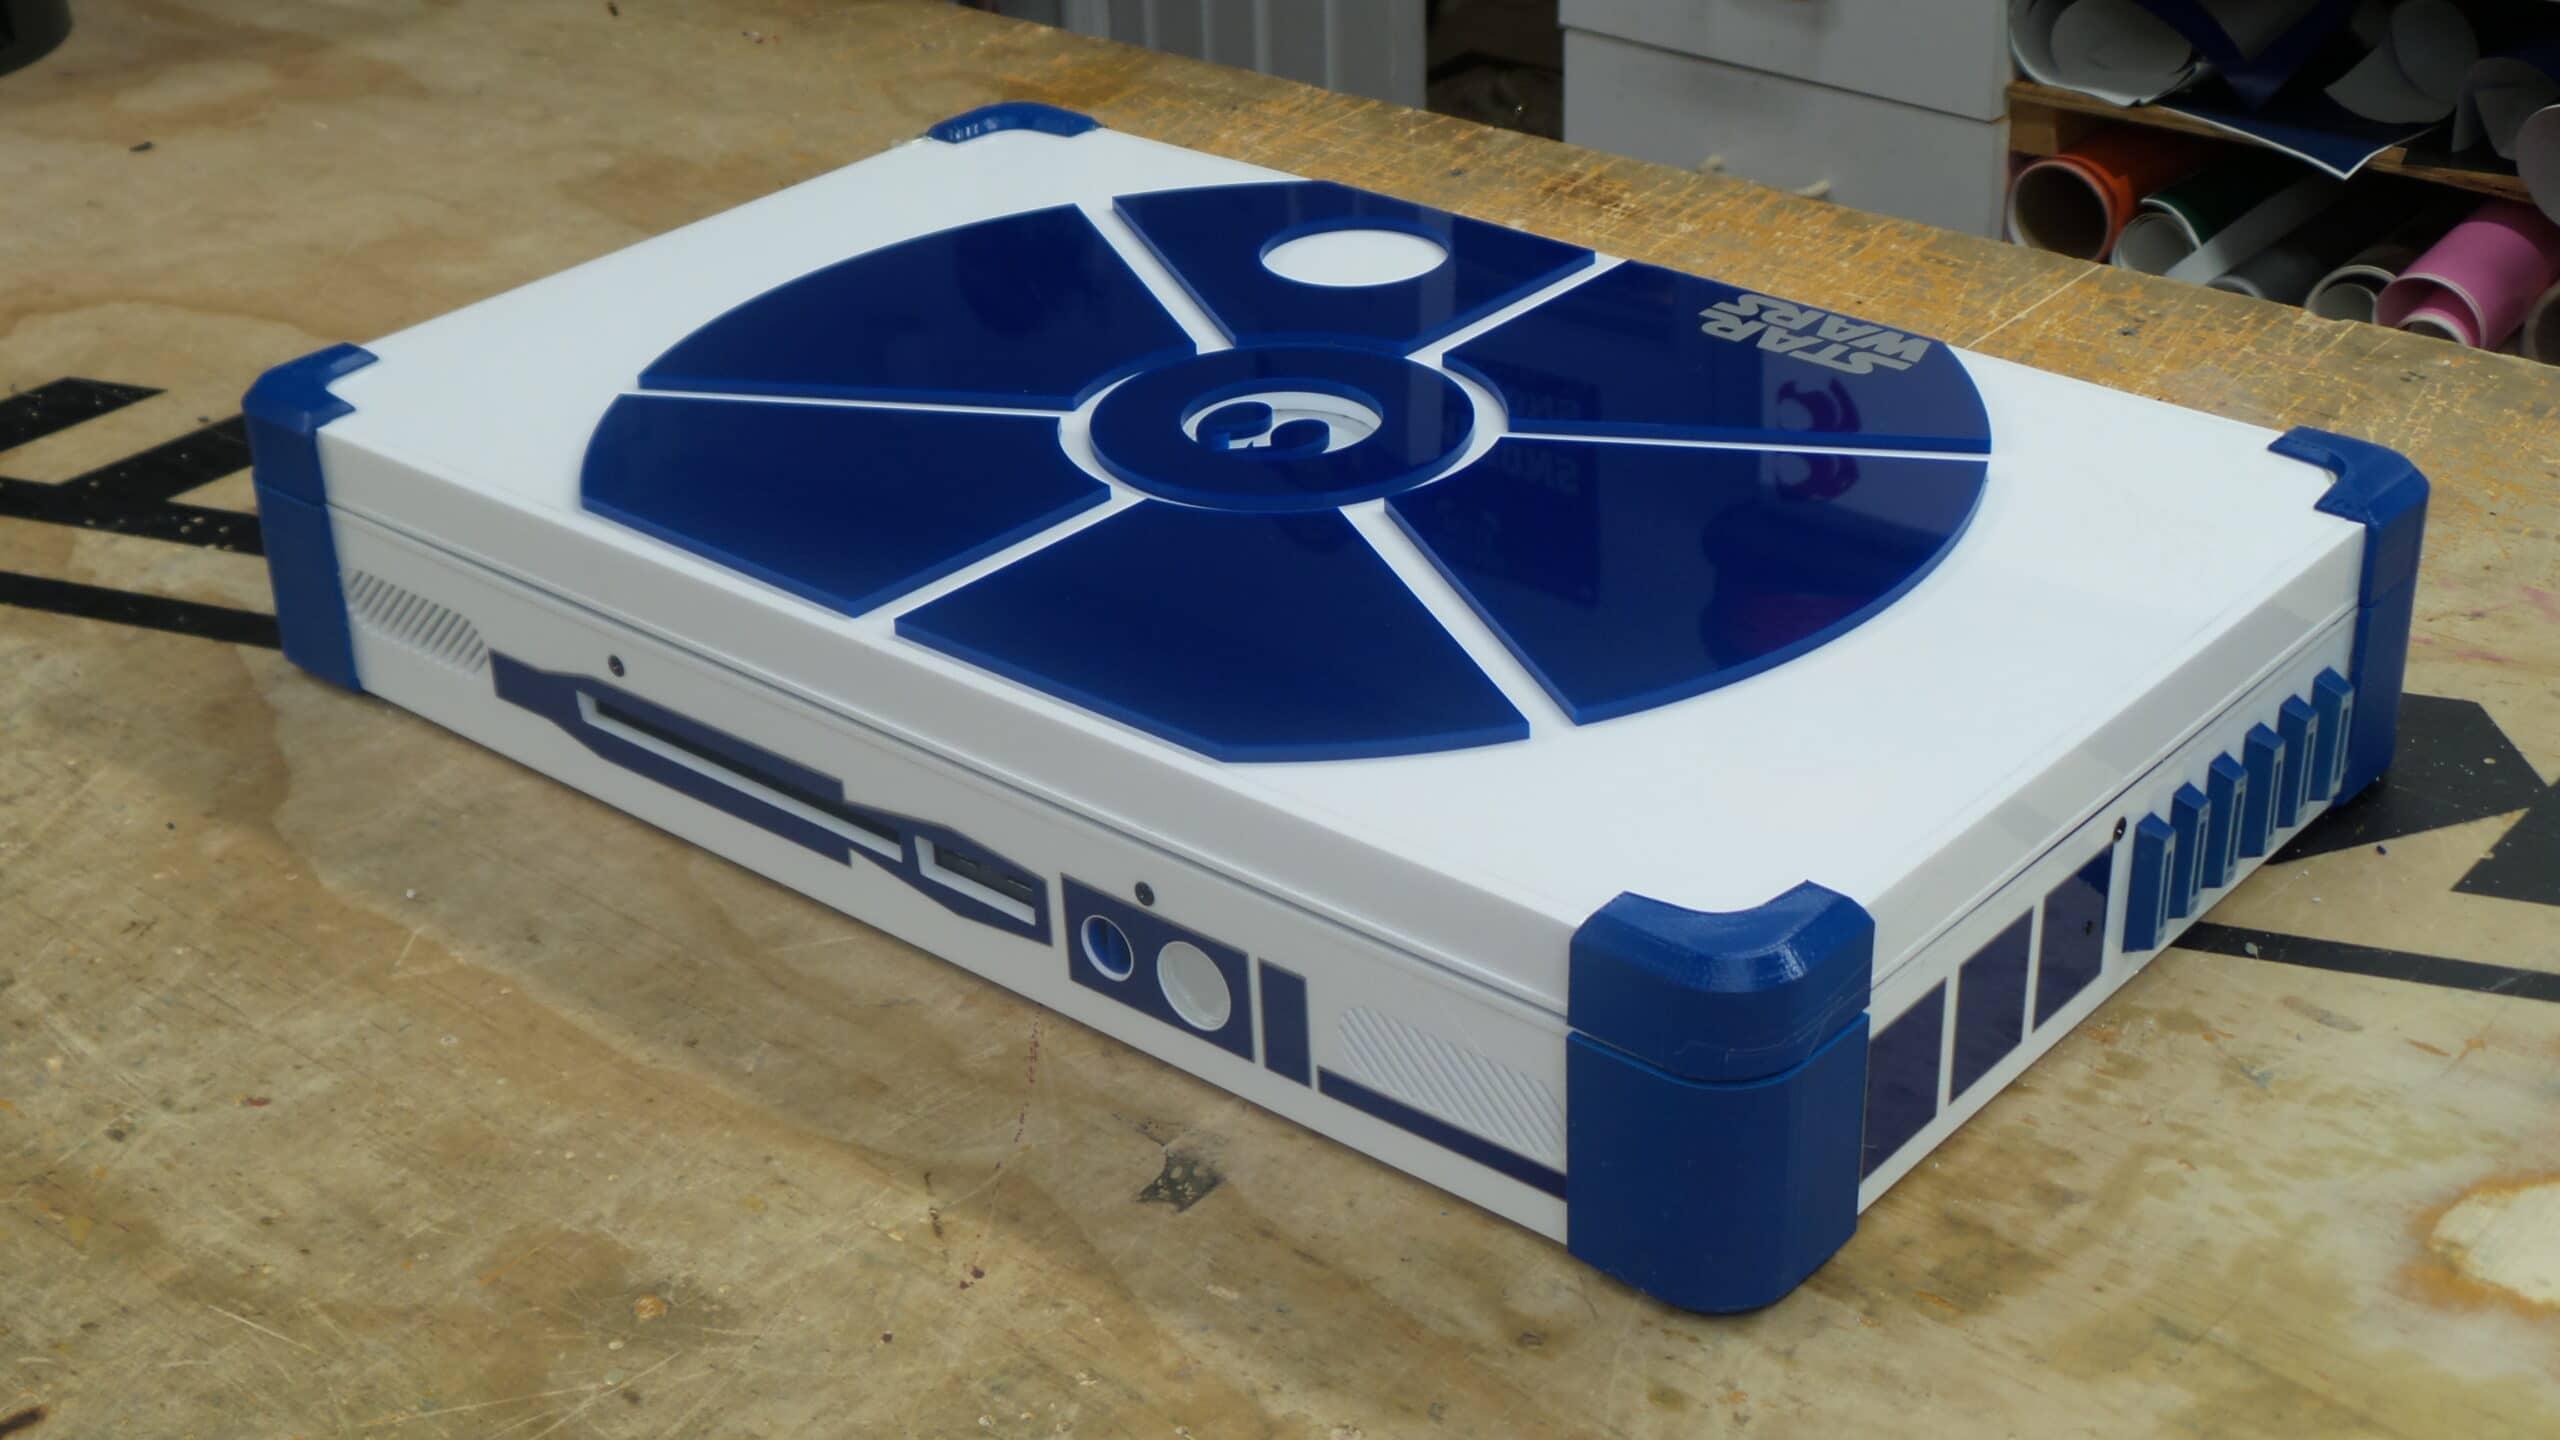 Ein R2-D2 als Spielkonsole. Oder anders herum. (Foto: Ed Zarick)